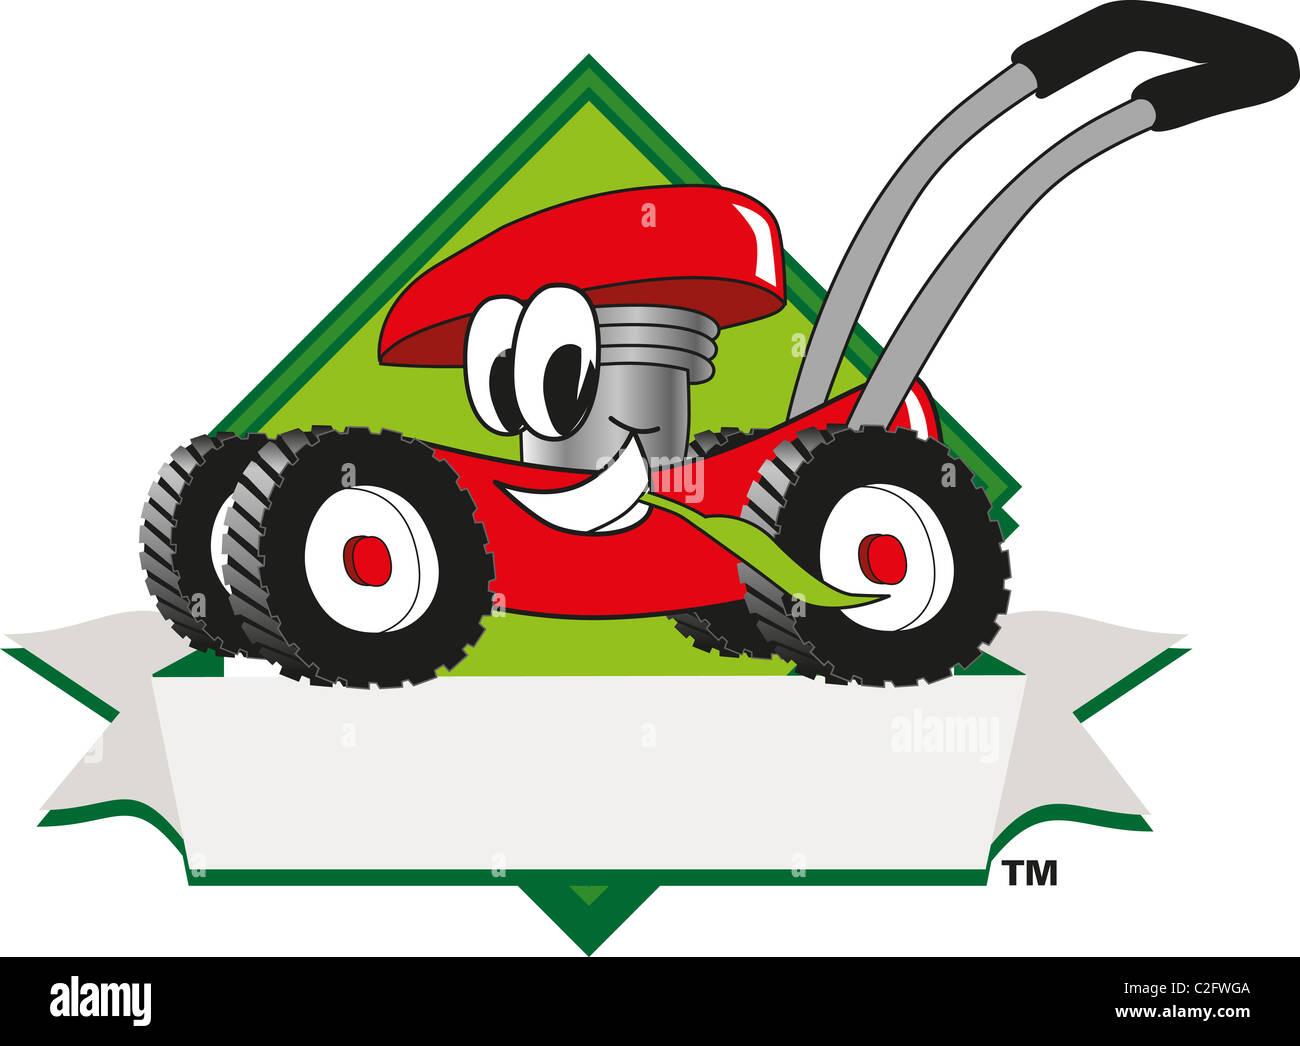 Cartoon-Rasenmäher-ClipArt-Grafiken und Logo-Vorlage Stockfoto, Bild ...